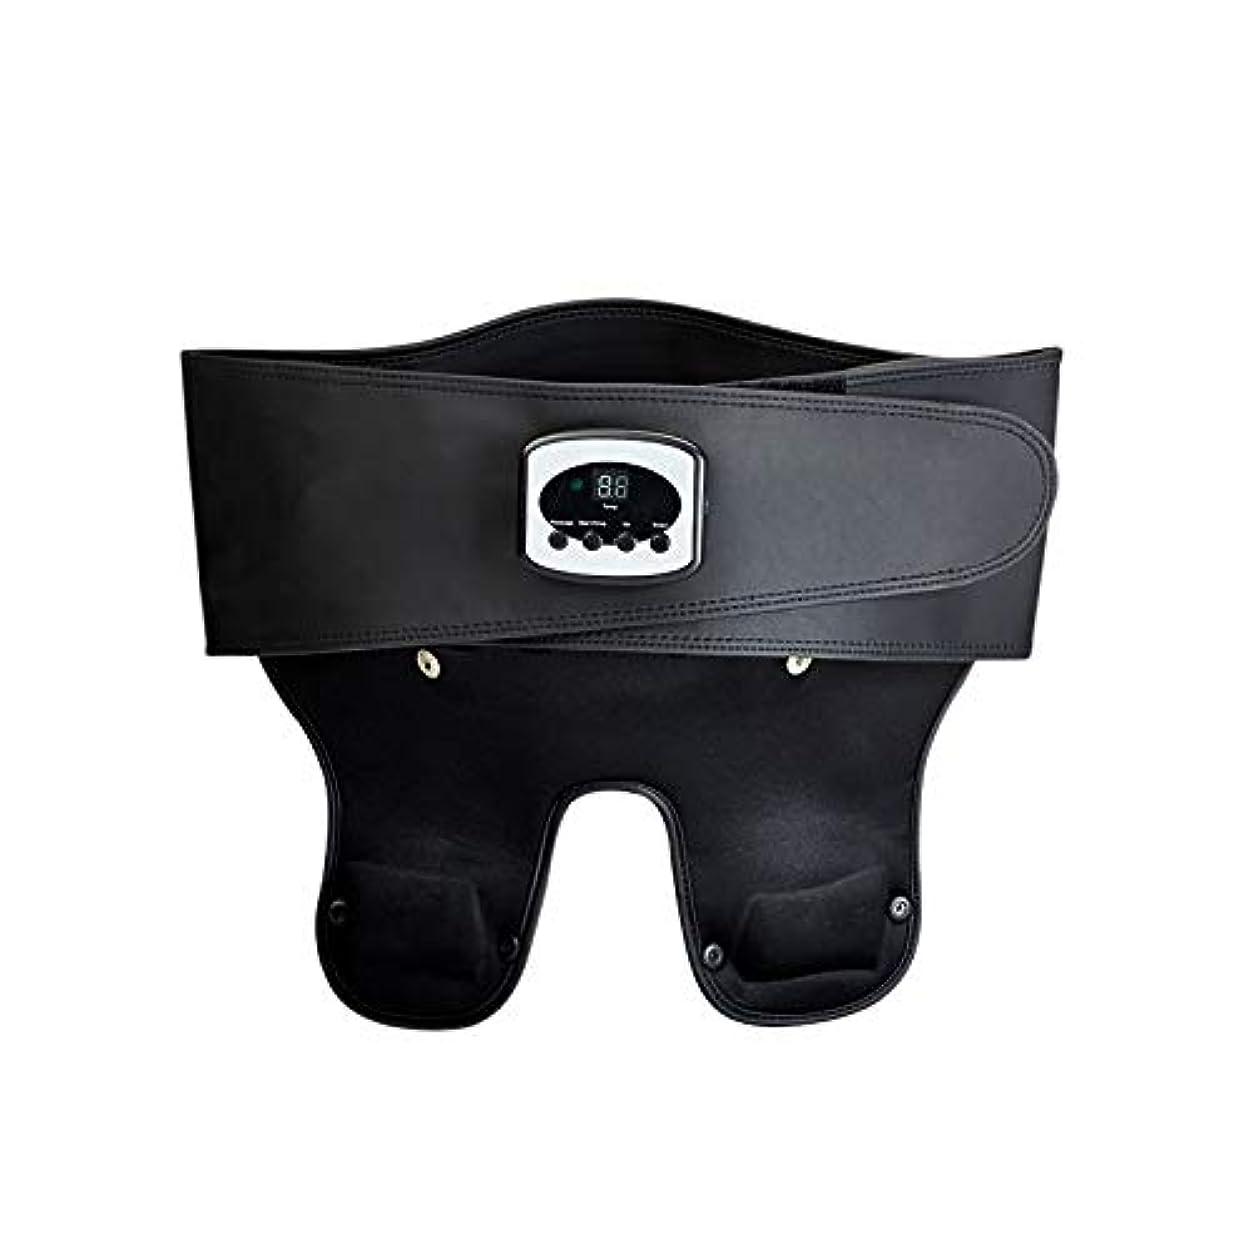 信頼できる恵みエキサイティングHealthy Waist Massager - Heat Conductor, Infrared Lights, Vibration Massage, Adjustable Temperature